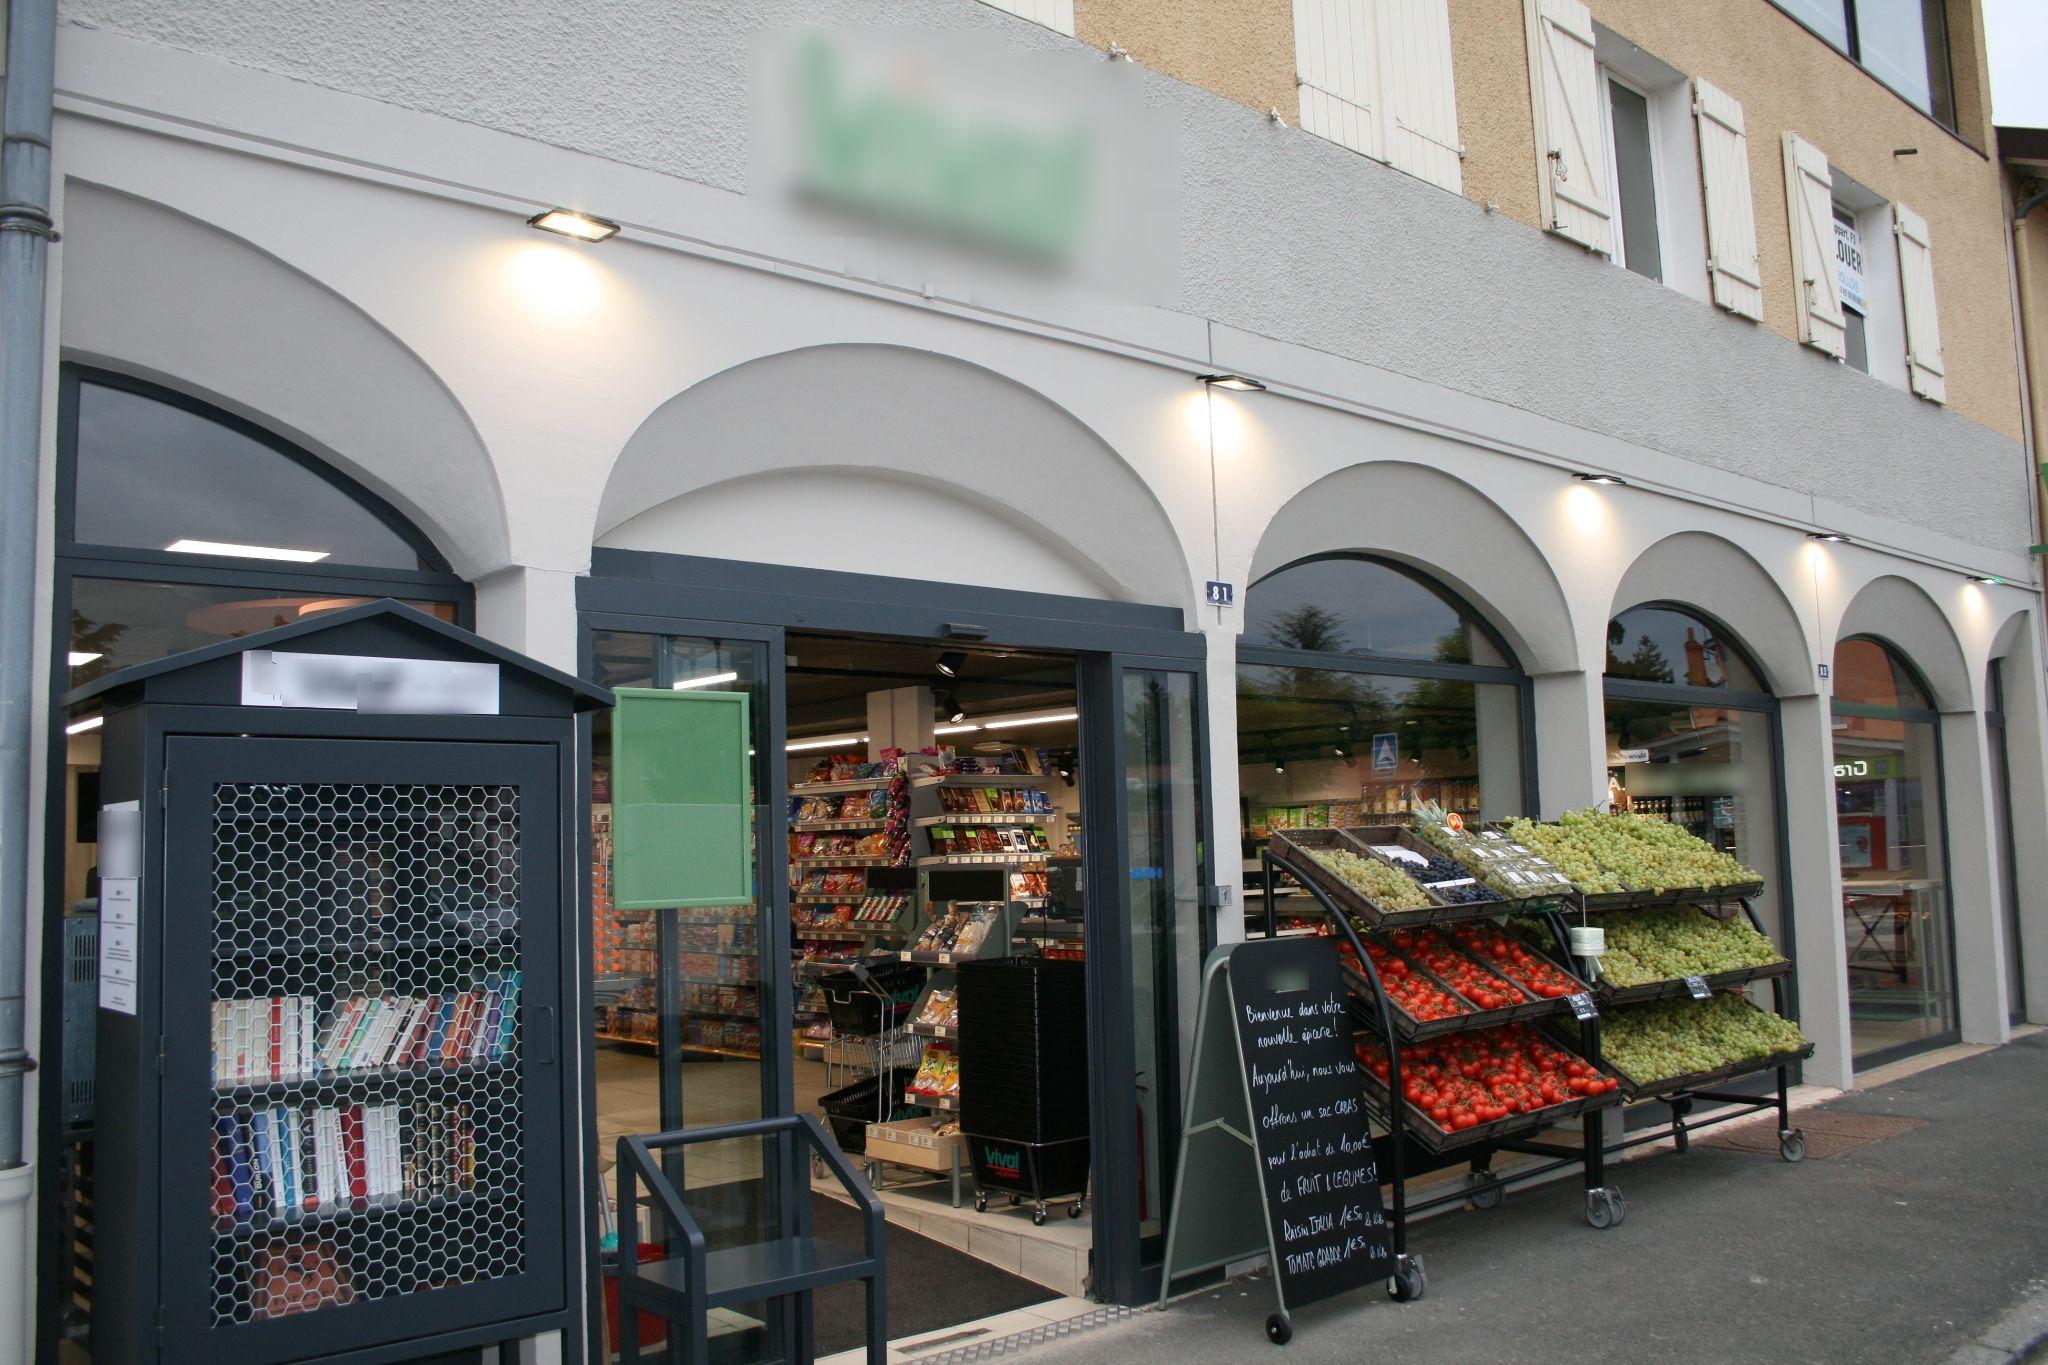 Vente Commerce alimentaire à Mâcon (71870)